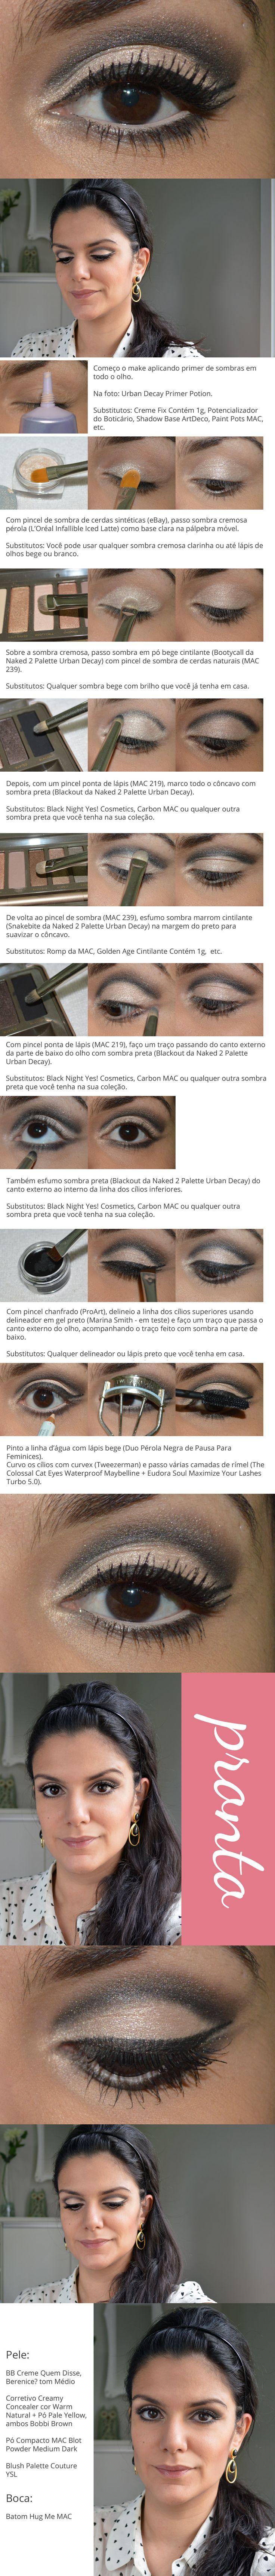 Mais um tutorial pro Carnaval (que serve pro ano todo): http://www.2beauty.com.br/blog/2014/02/27/tutorial-retro/ #maquiagem #makeup #tutorial #carnaval